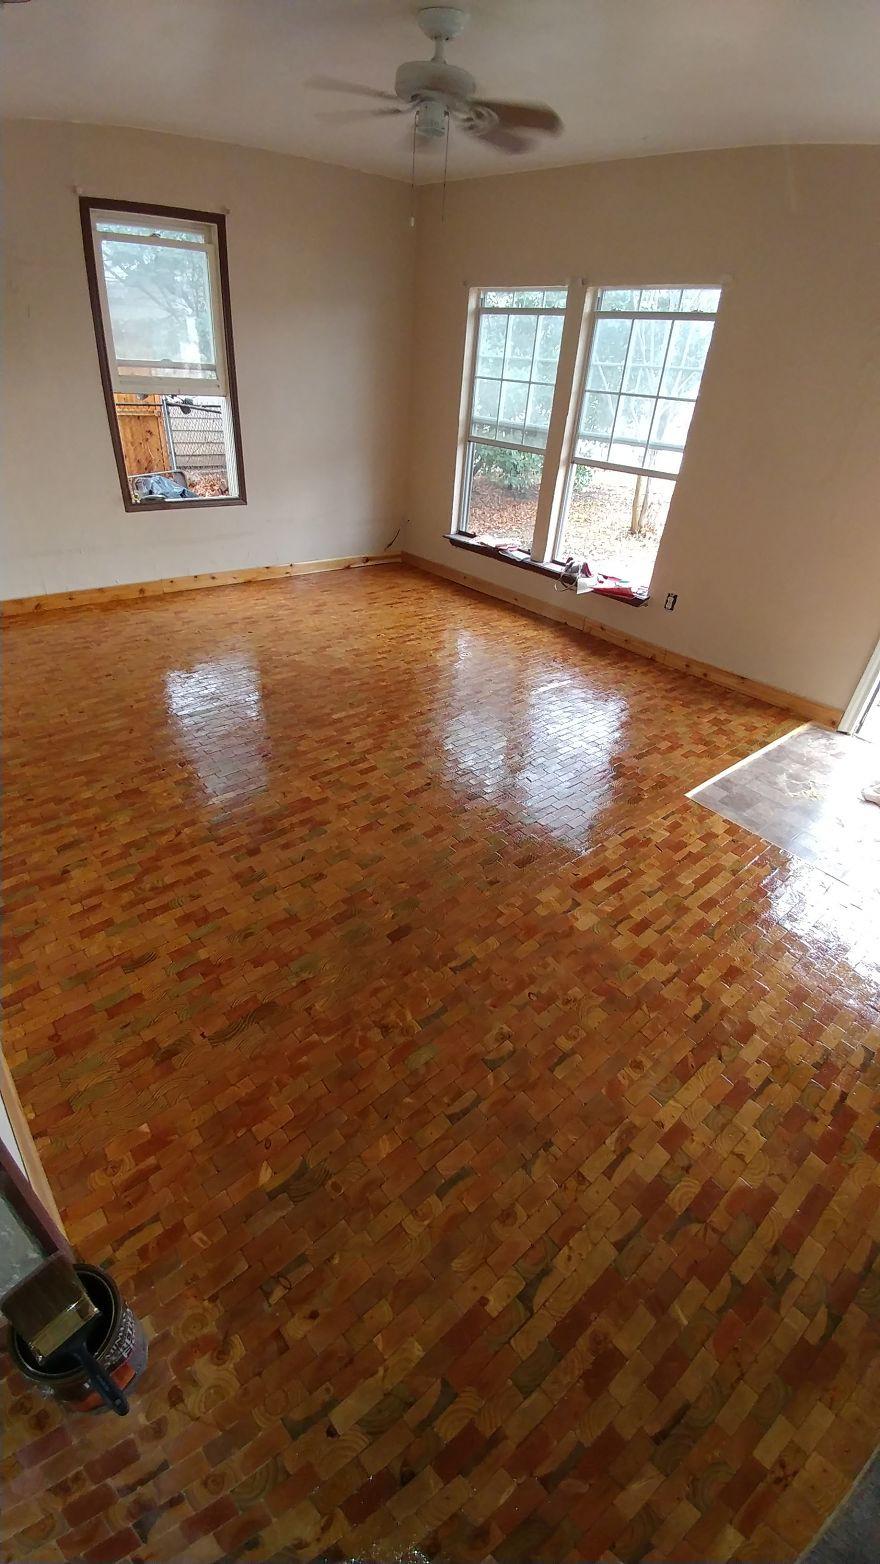 2 cô gái cắt dát giường gỗ thành từng miếng để lát sàn nhà, nghe thấy lạ mà rồi ai cũng phải phục sát đất vì độ sáng tạo - Ảnh 6.